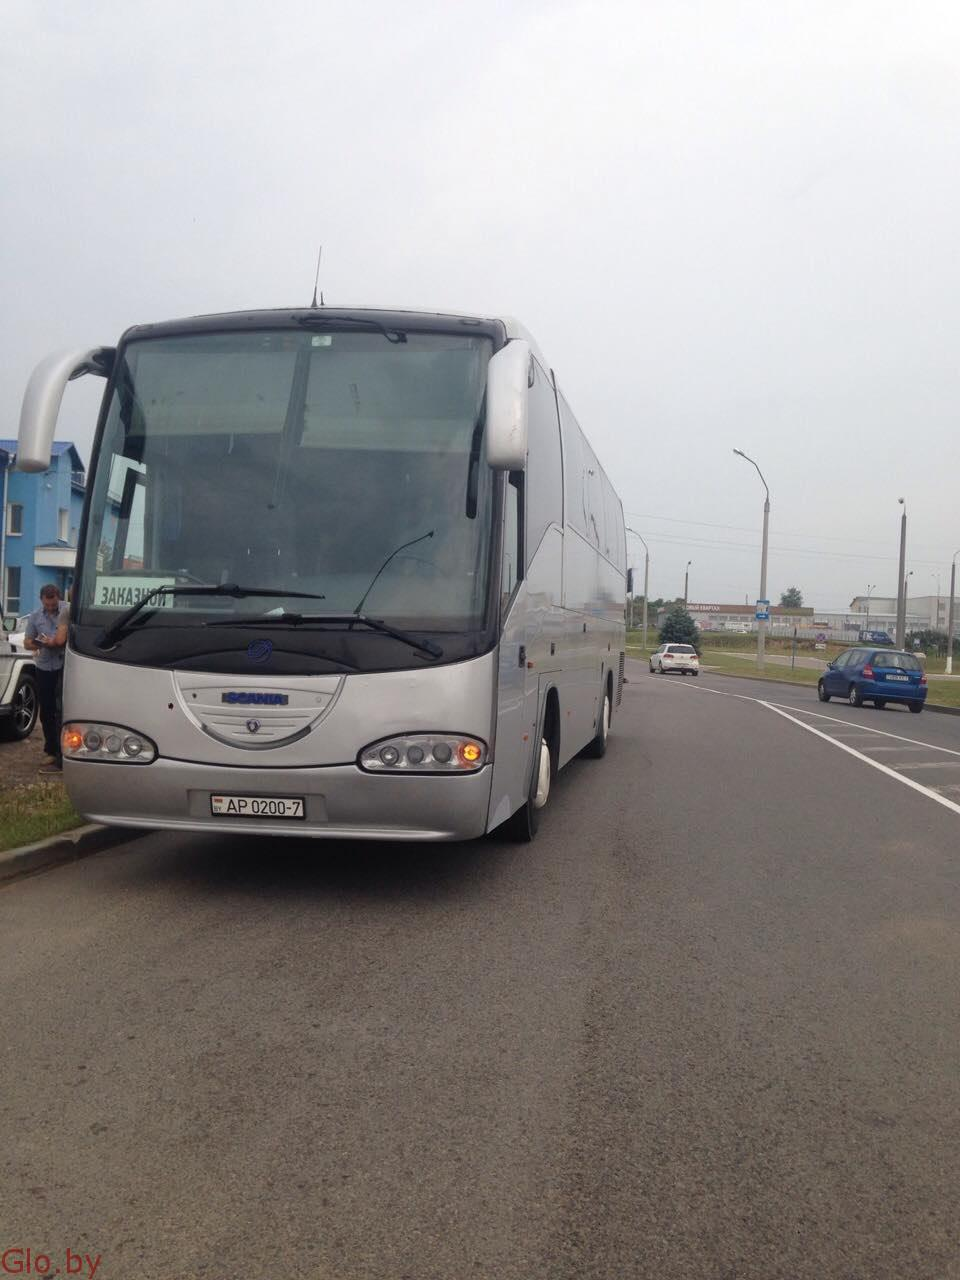 Заказ автобуса, аренда автобуса 50 мест минск